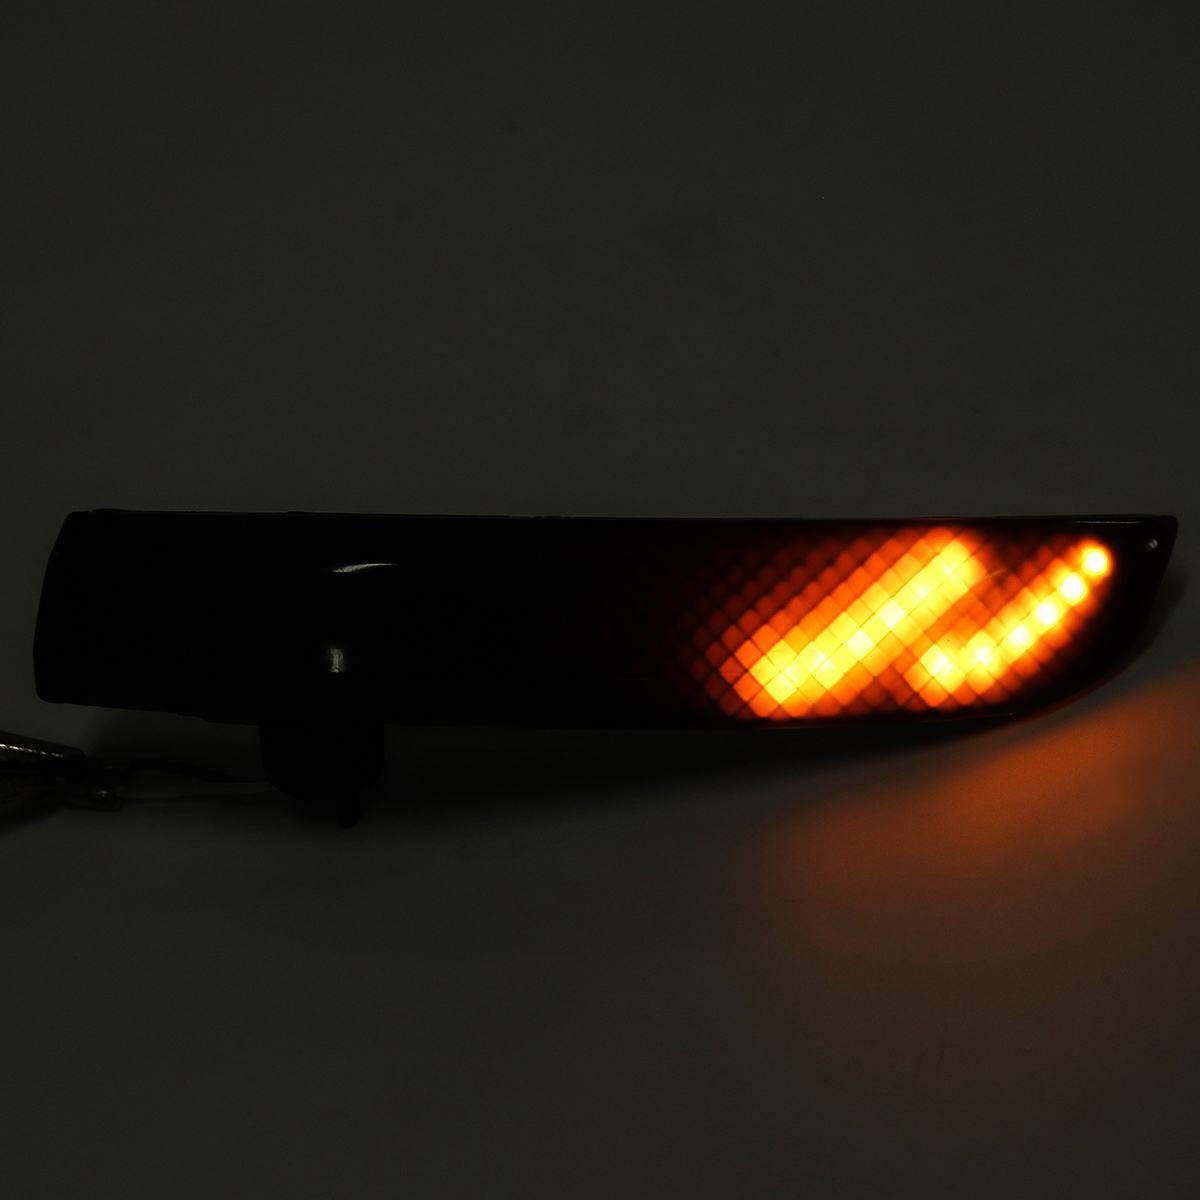 SODIAL Specchietto Retrovisore Auto LED Indicatore di Direzione Dinamico Indicatore Luminoso Retrovisore per Kuga Ecosport 2013-2019